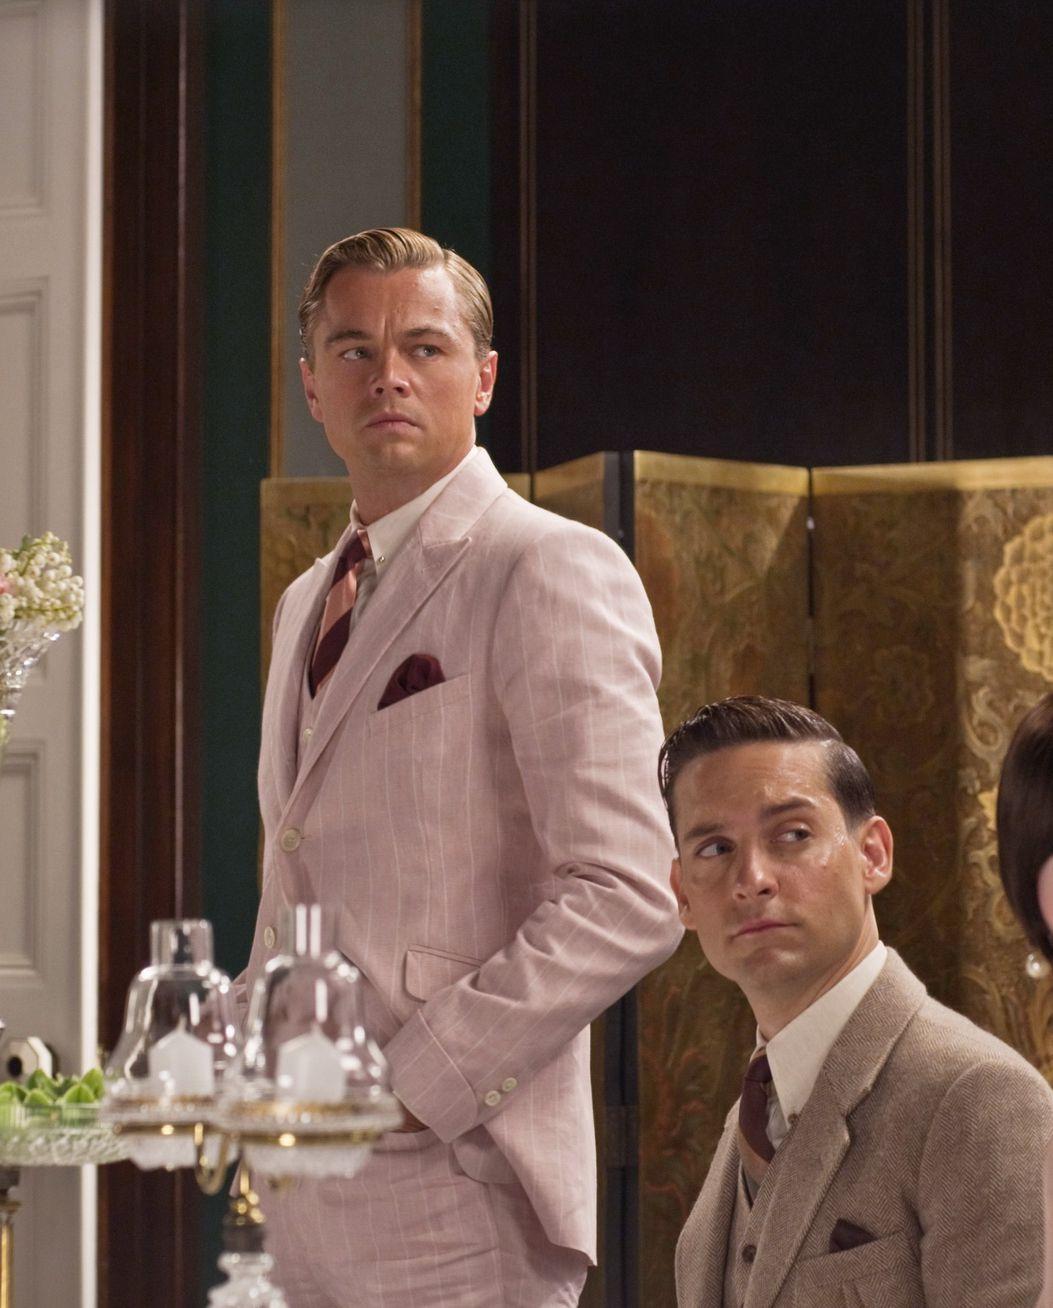 Los trajes rosas de hombre más memorables de la historia